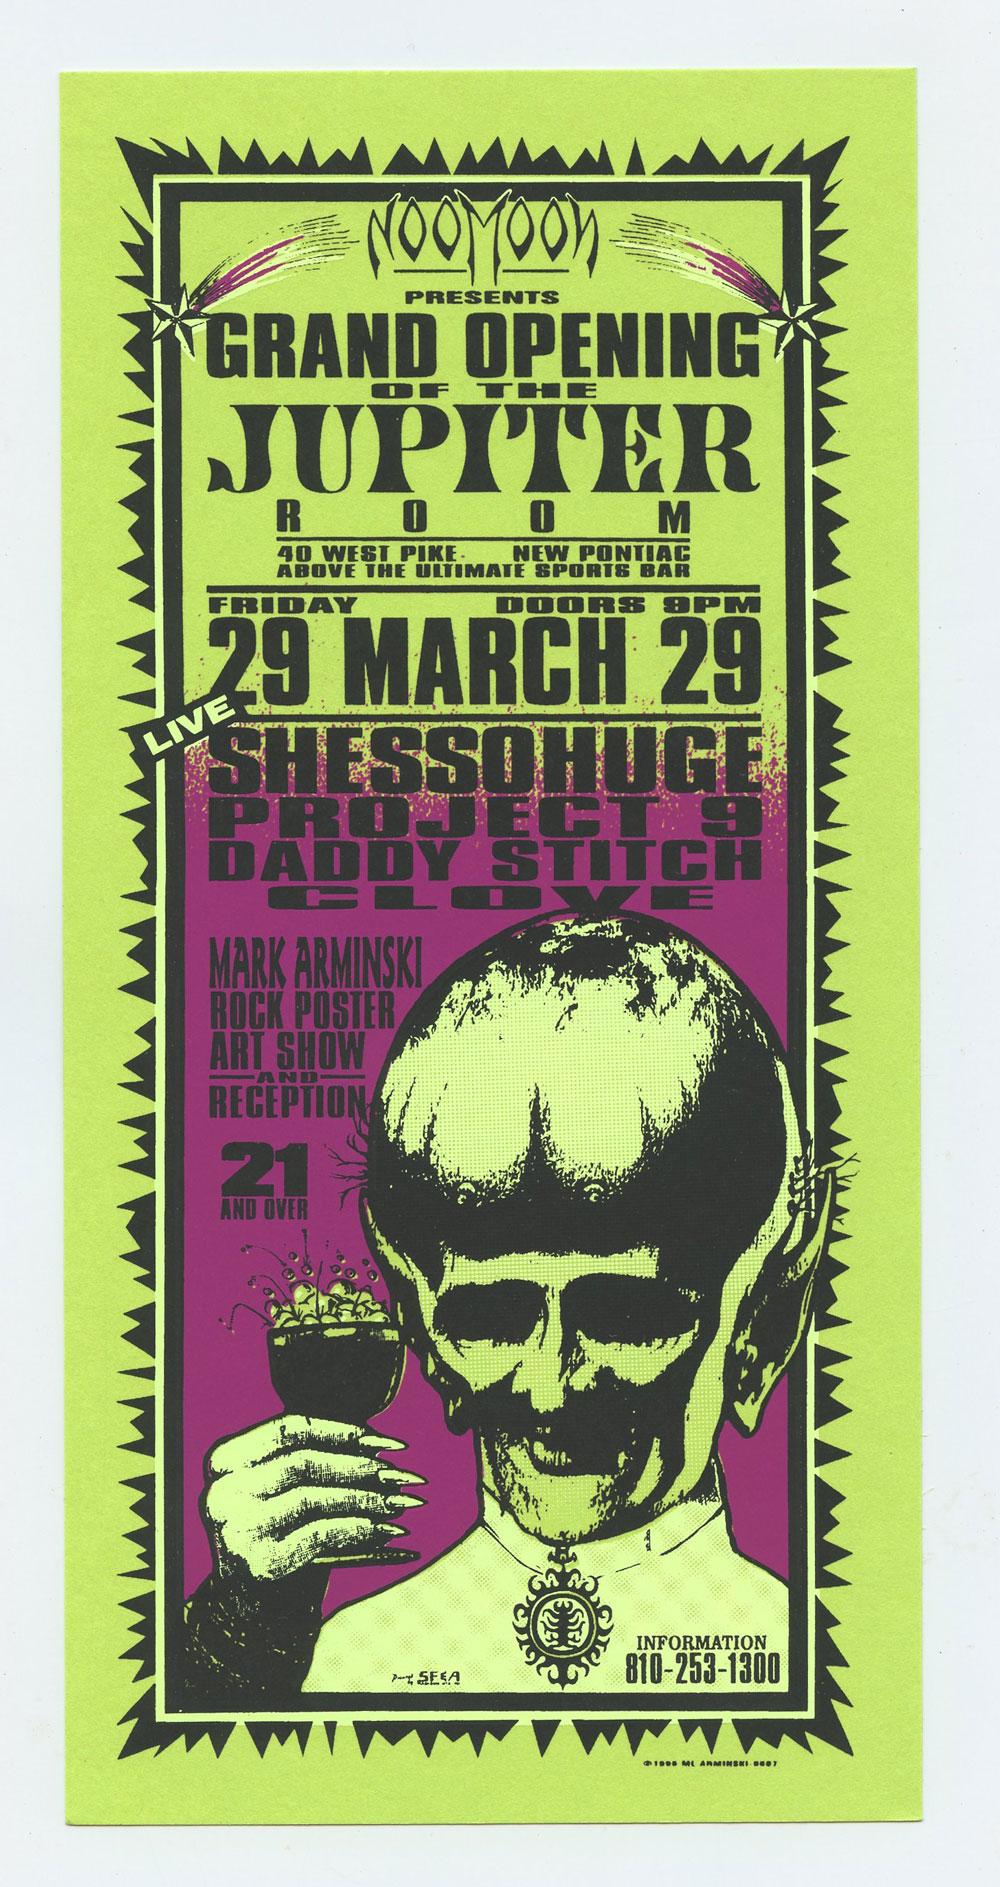 Grand Opening Jupiter Room Rock Poster Show1996 Mar 29 Handbill Mark Arminski